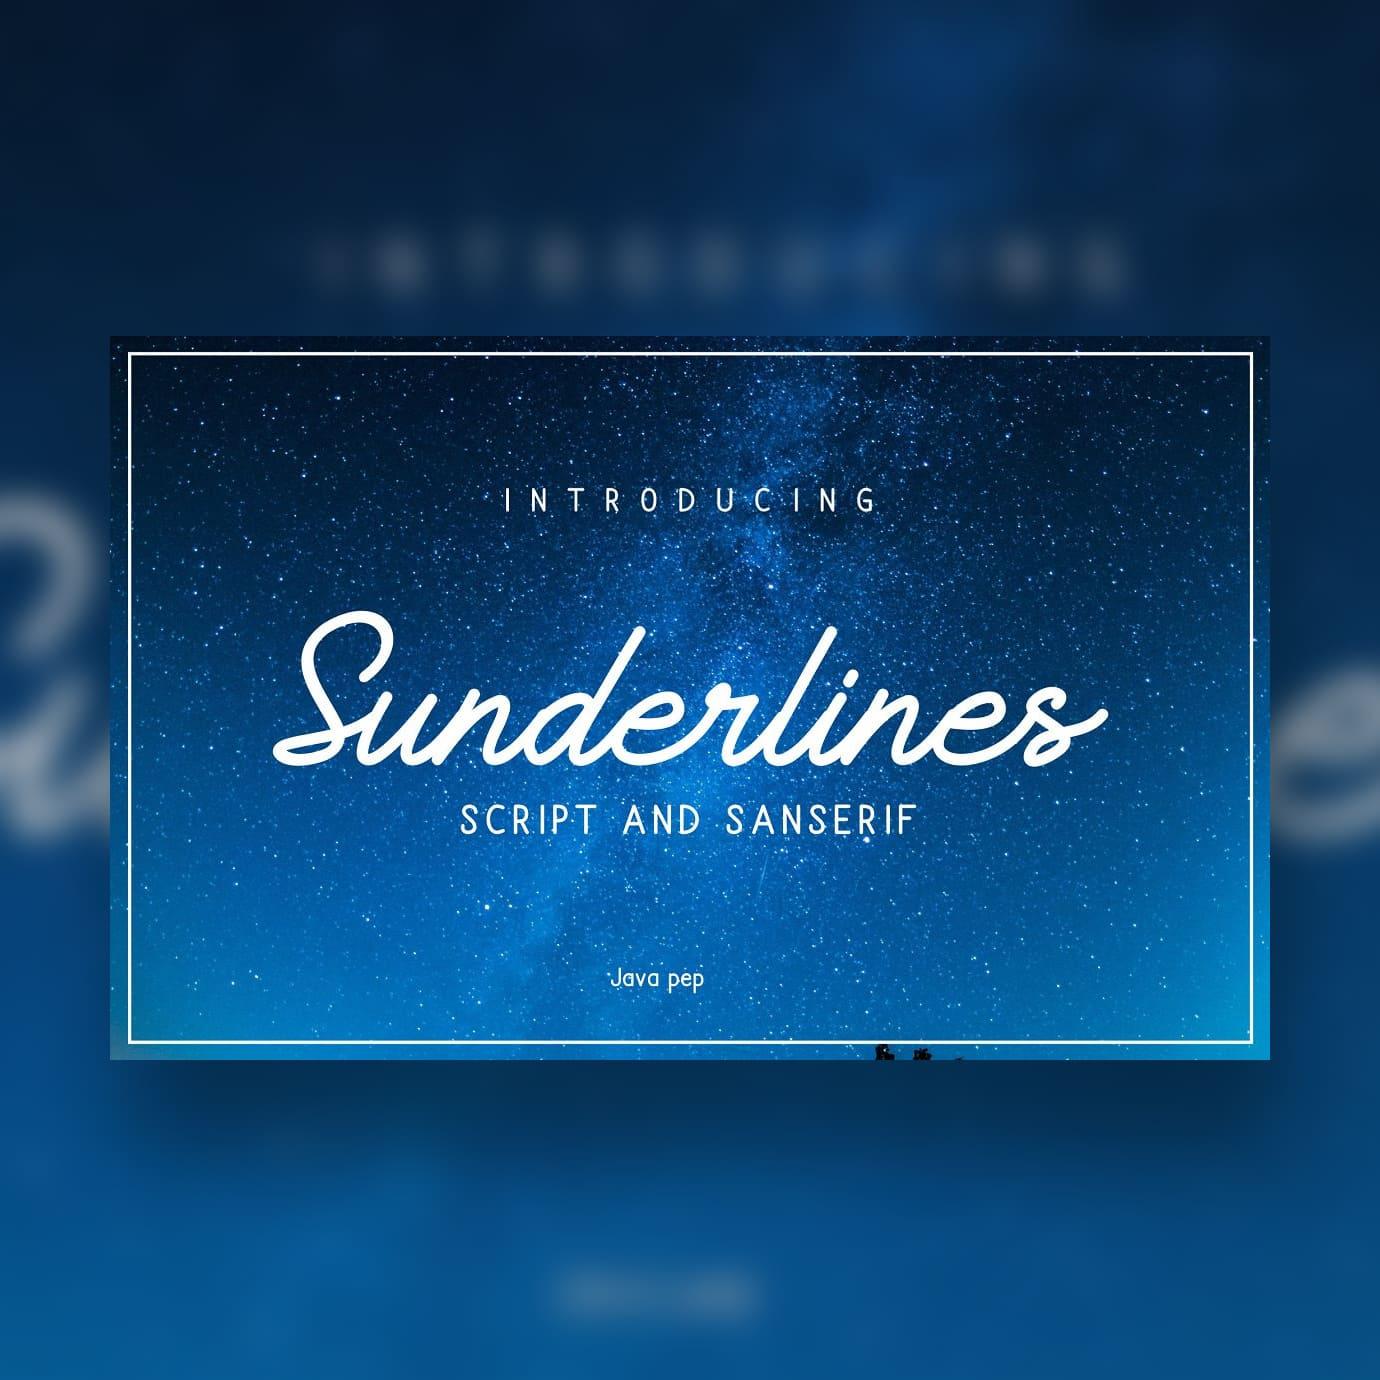 Mellifret French Script Font - Brush Script Font Sunderlines and Sanserif 1